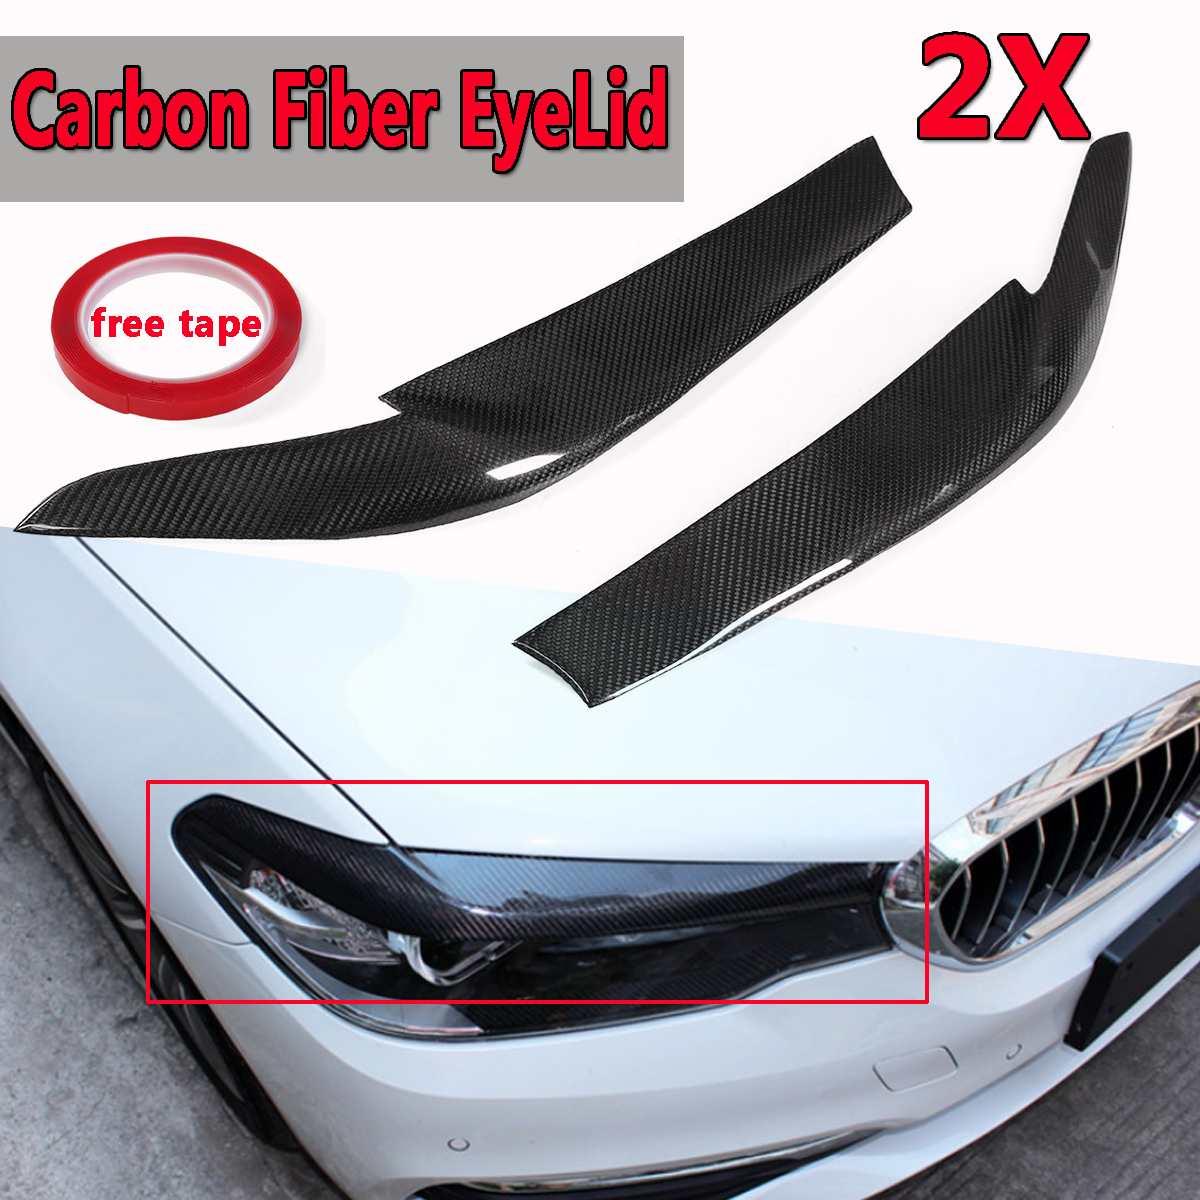 Une Paire de Fiber de Carbone Réel Paupières Sourcils Pour BMW 2017-2018 G30 530i 540i M550i Phare Paupière Supérieure autocollants Caches